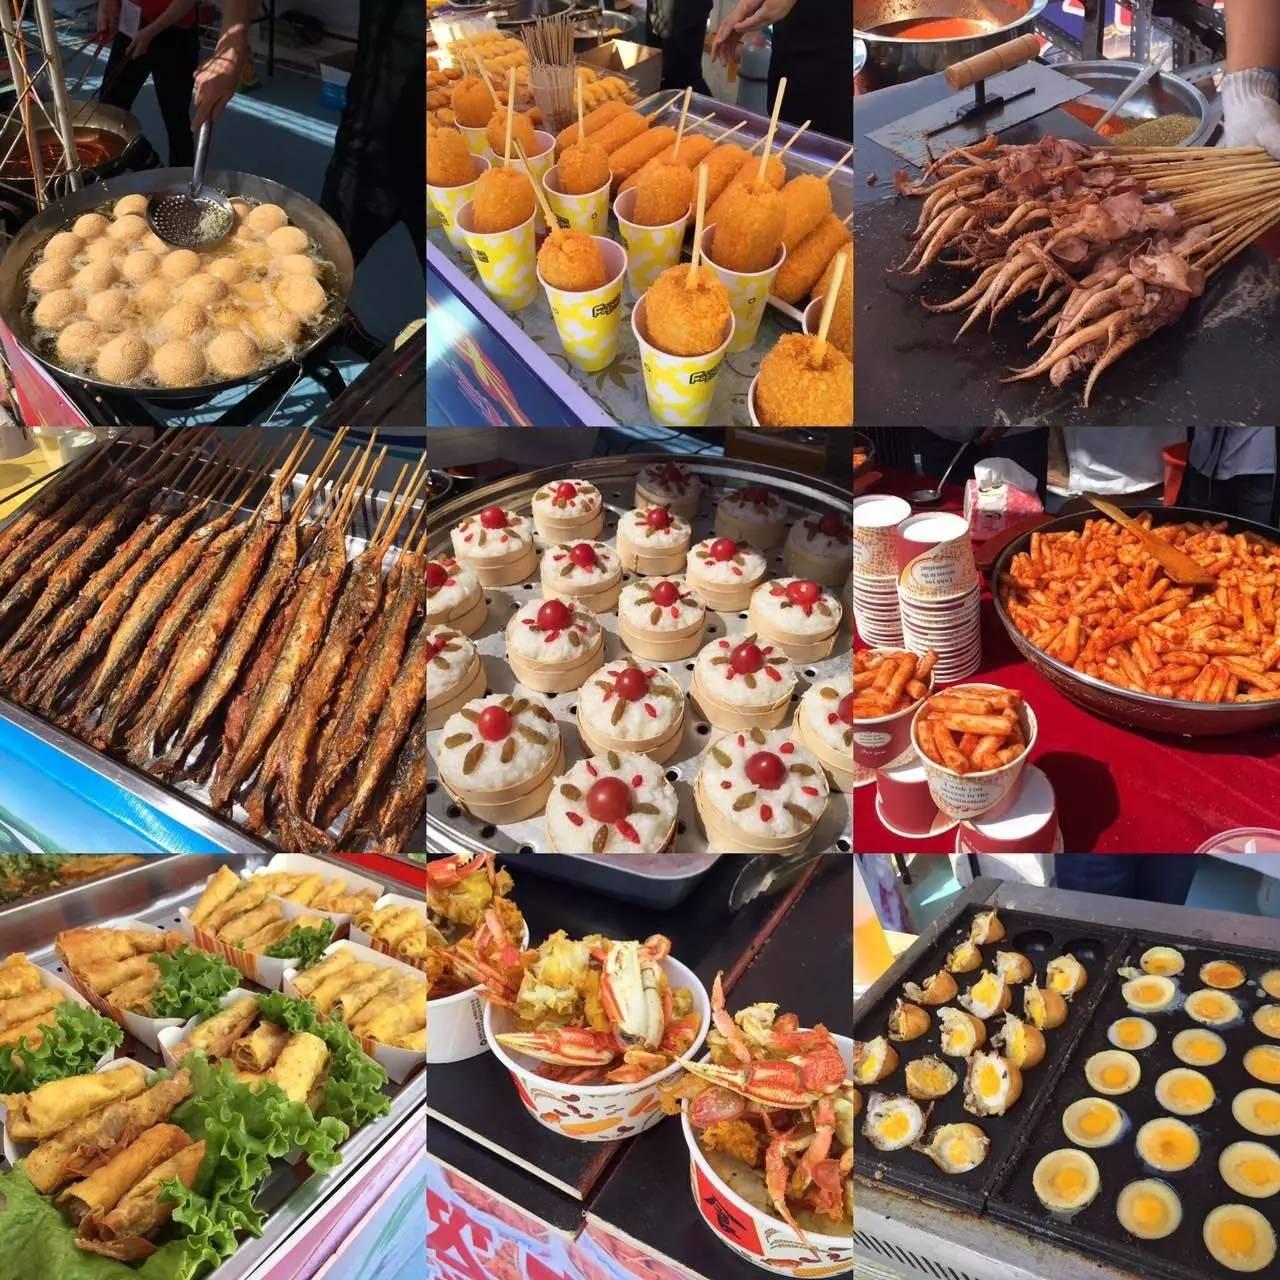 乌鲁木齐美食节精彩回顾,不一样的O2O跨境体验